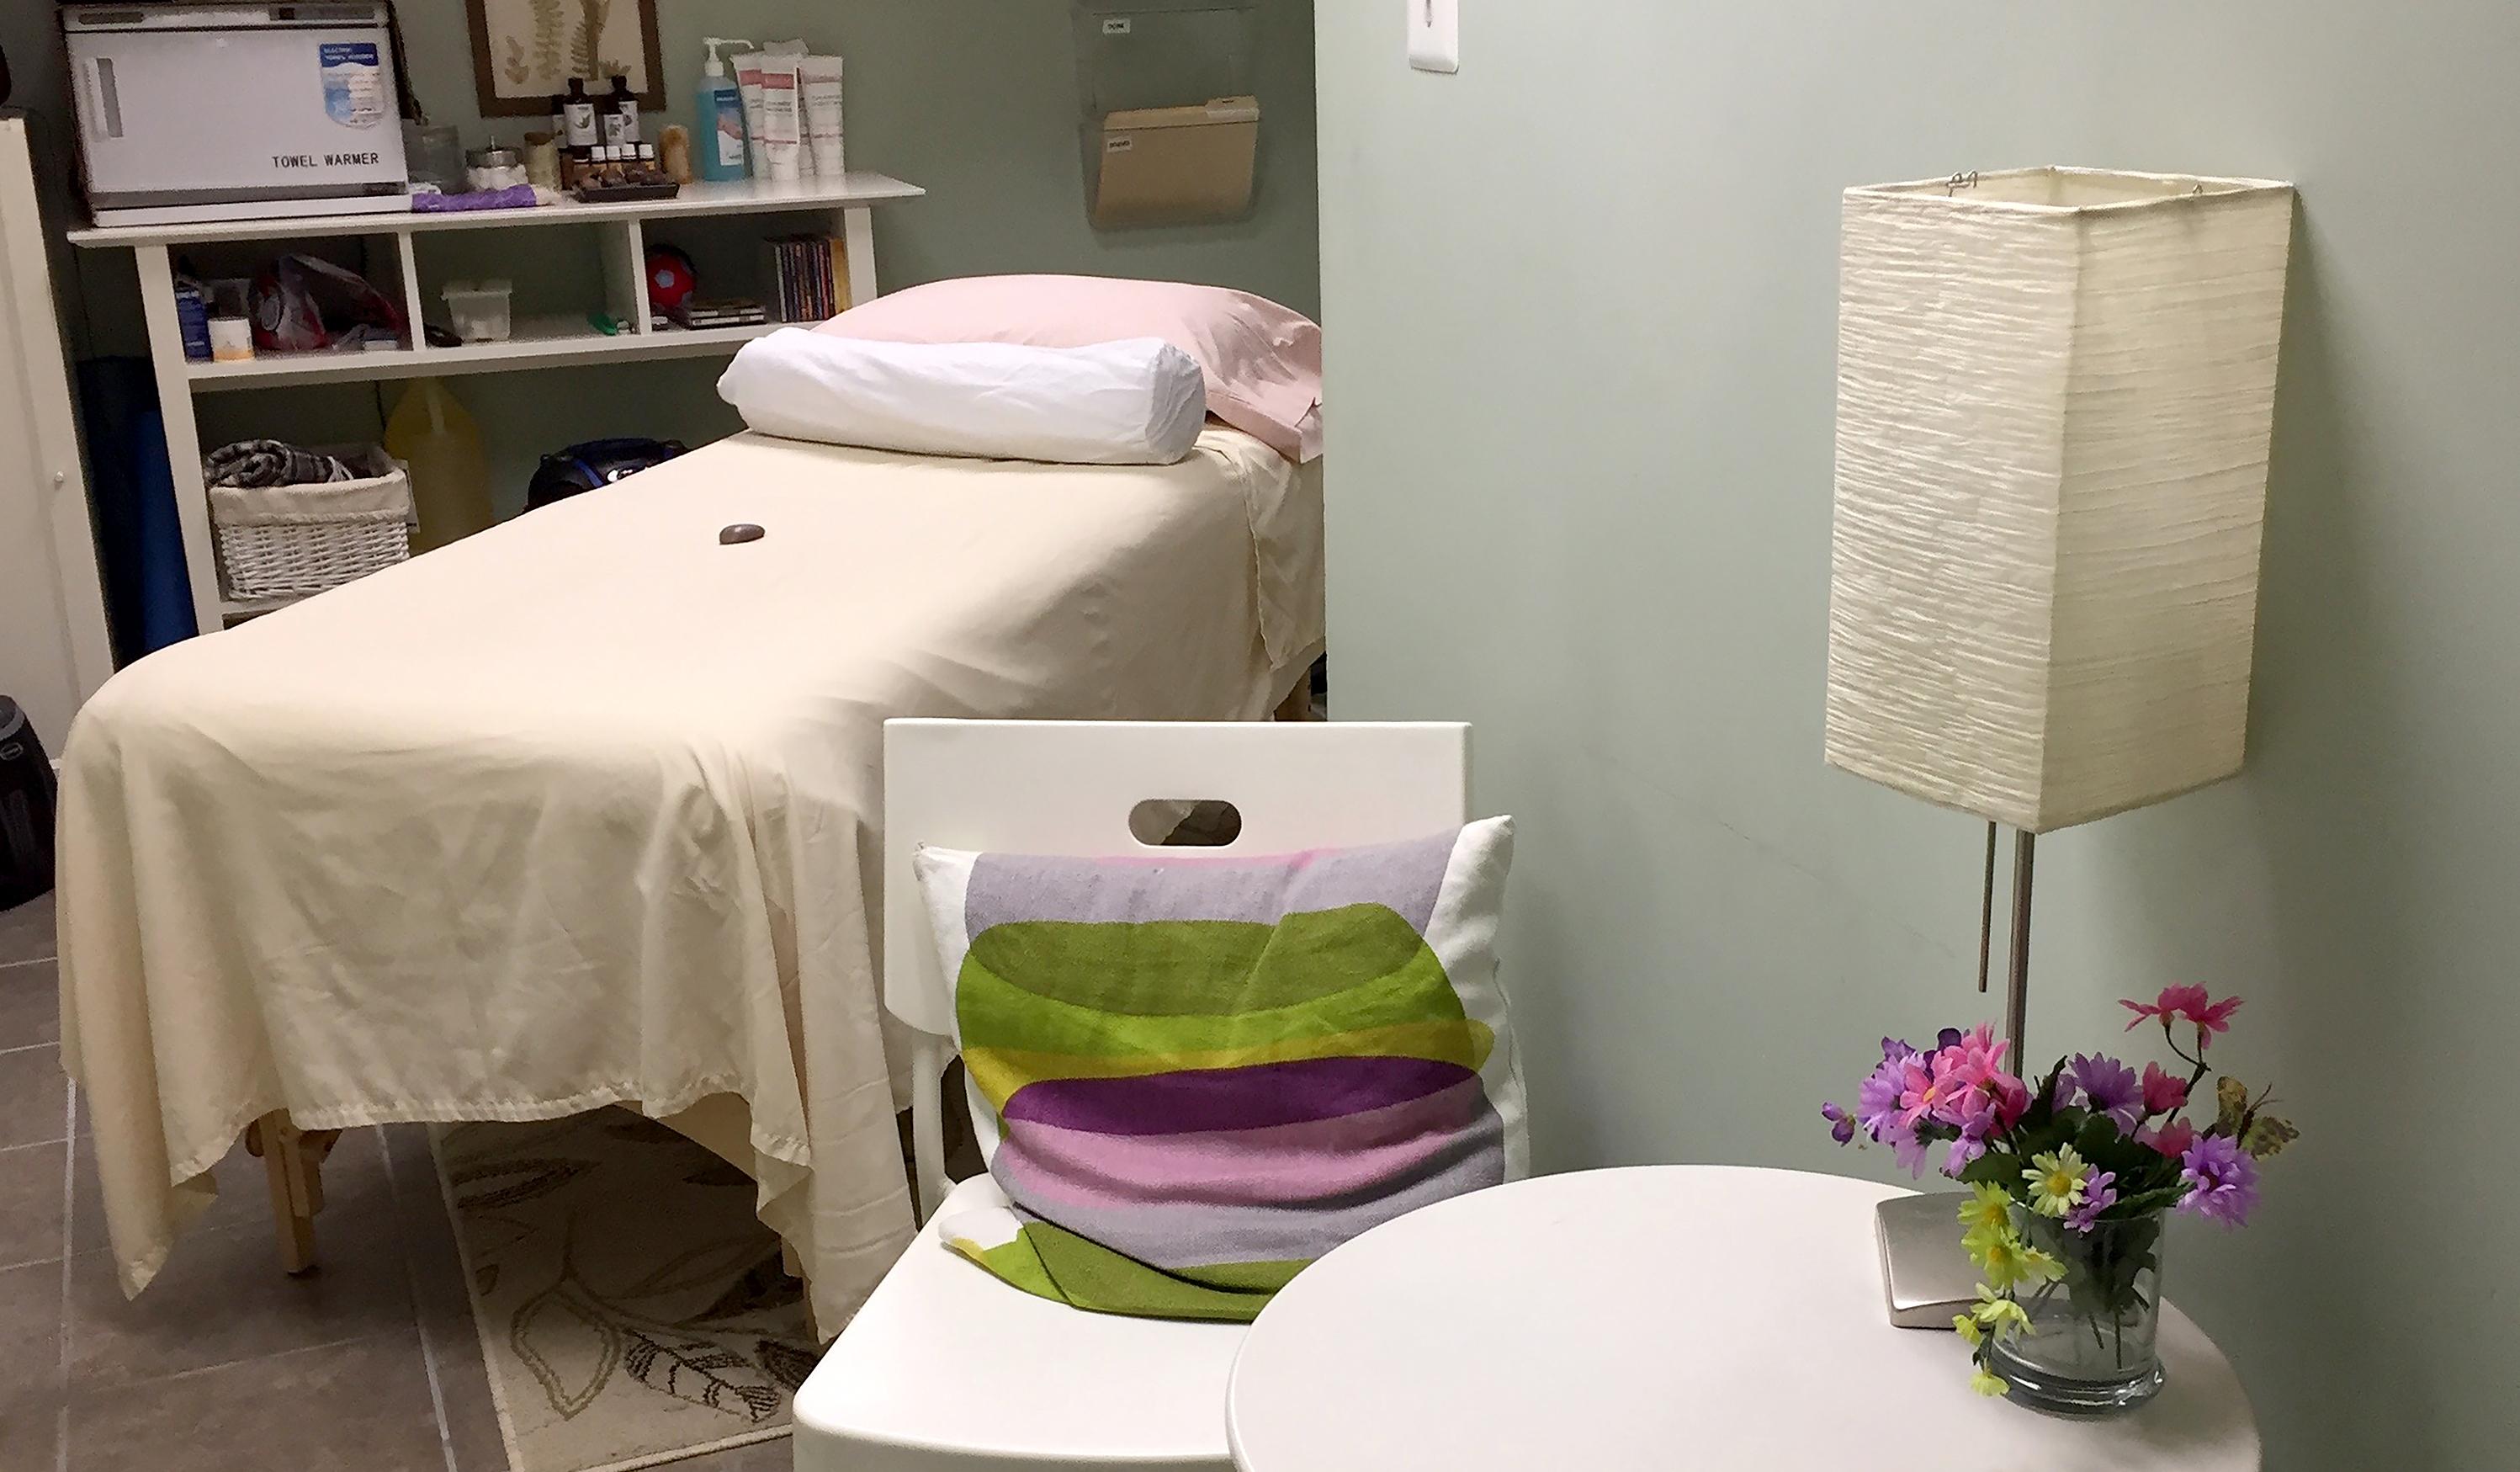 A wellness room